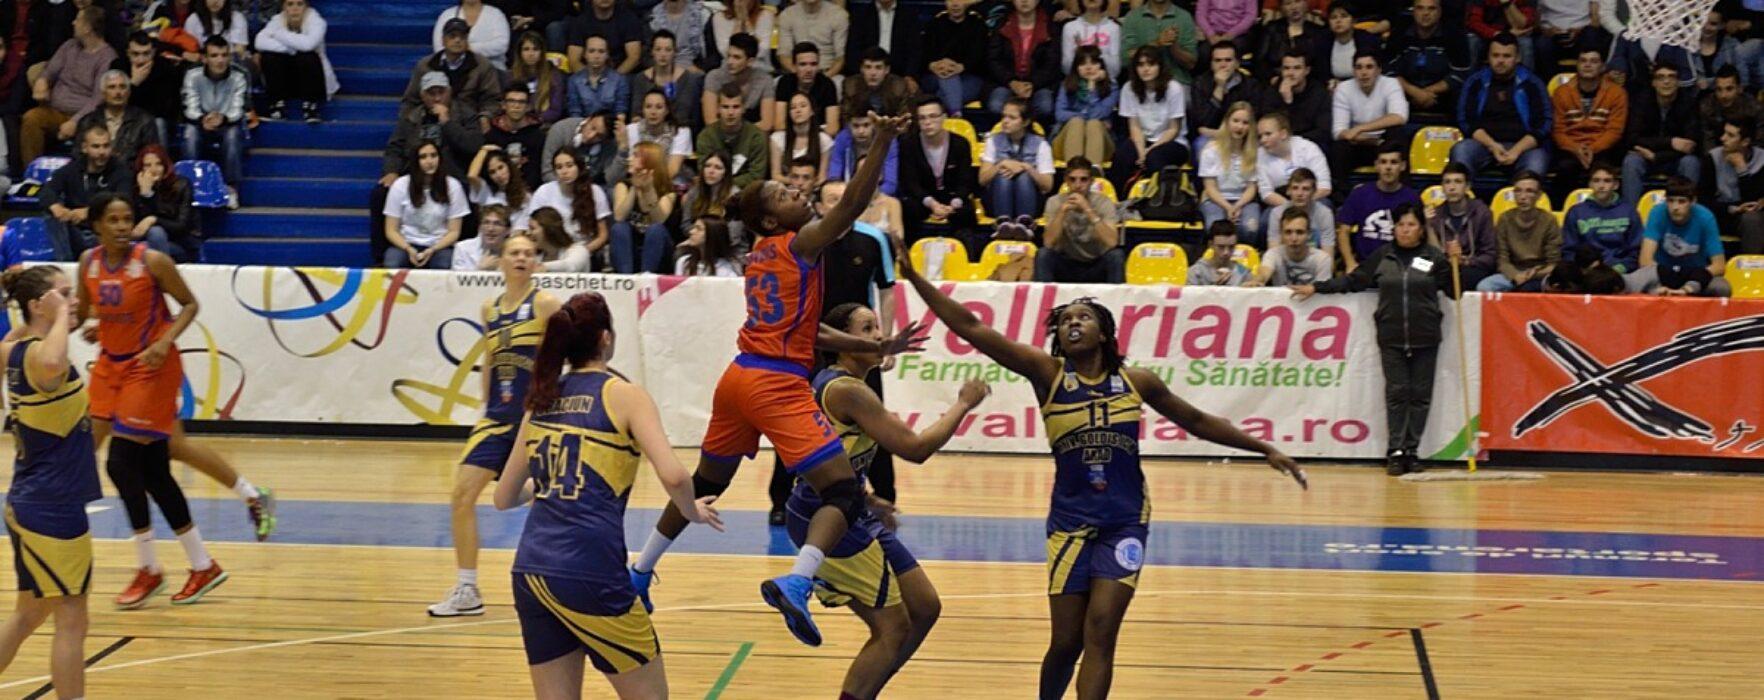 CSM Târgovişte a câştigat şi conduce cu 2-1 în finala Ligii Naţionale de Baschet Feminin